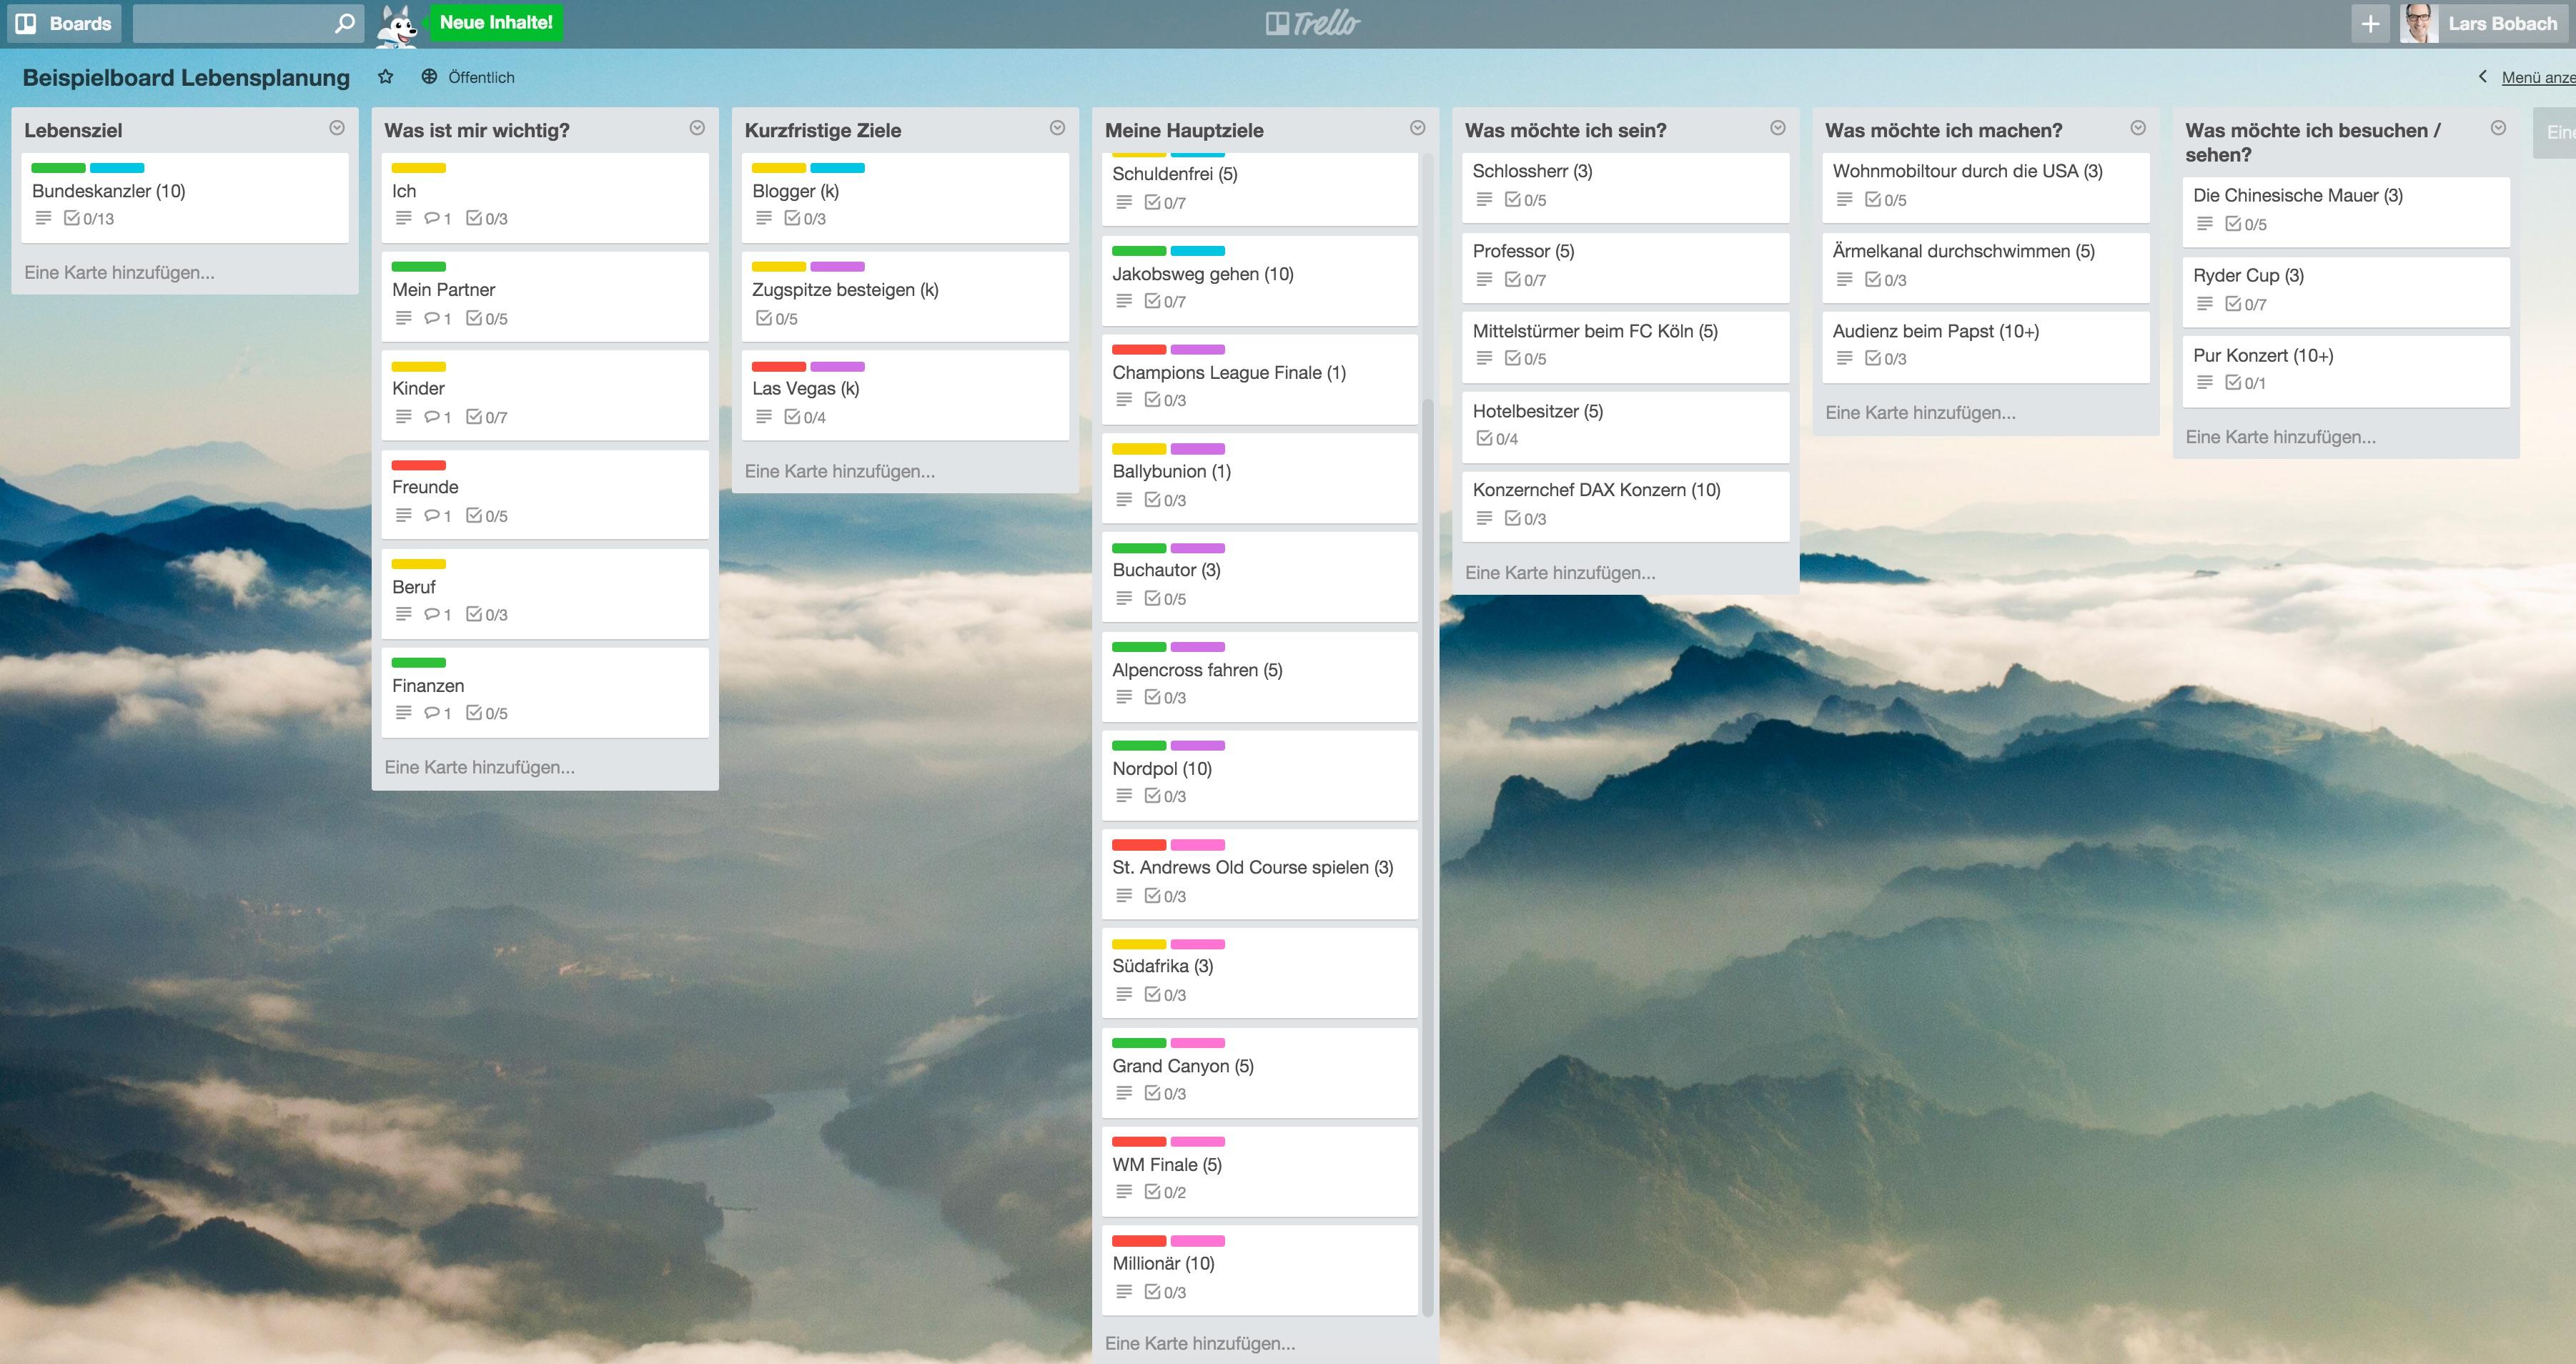 Beispiel eines Lebensplan und eines Boards zur Zielerreichung